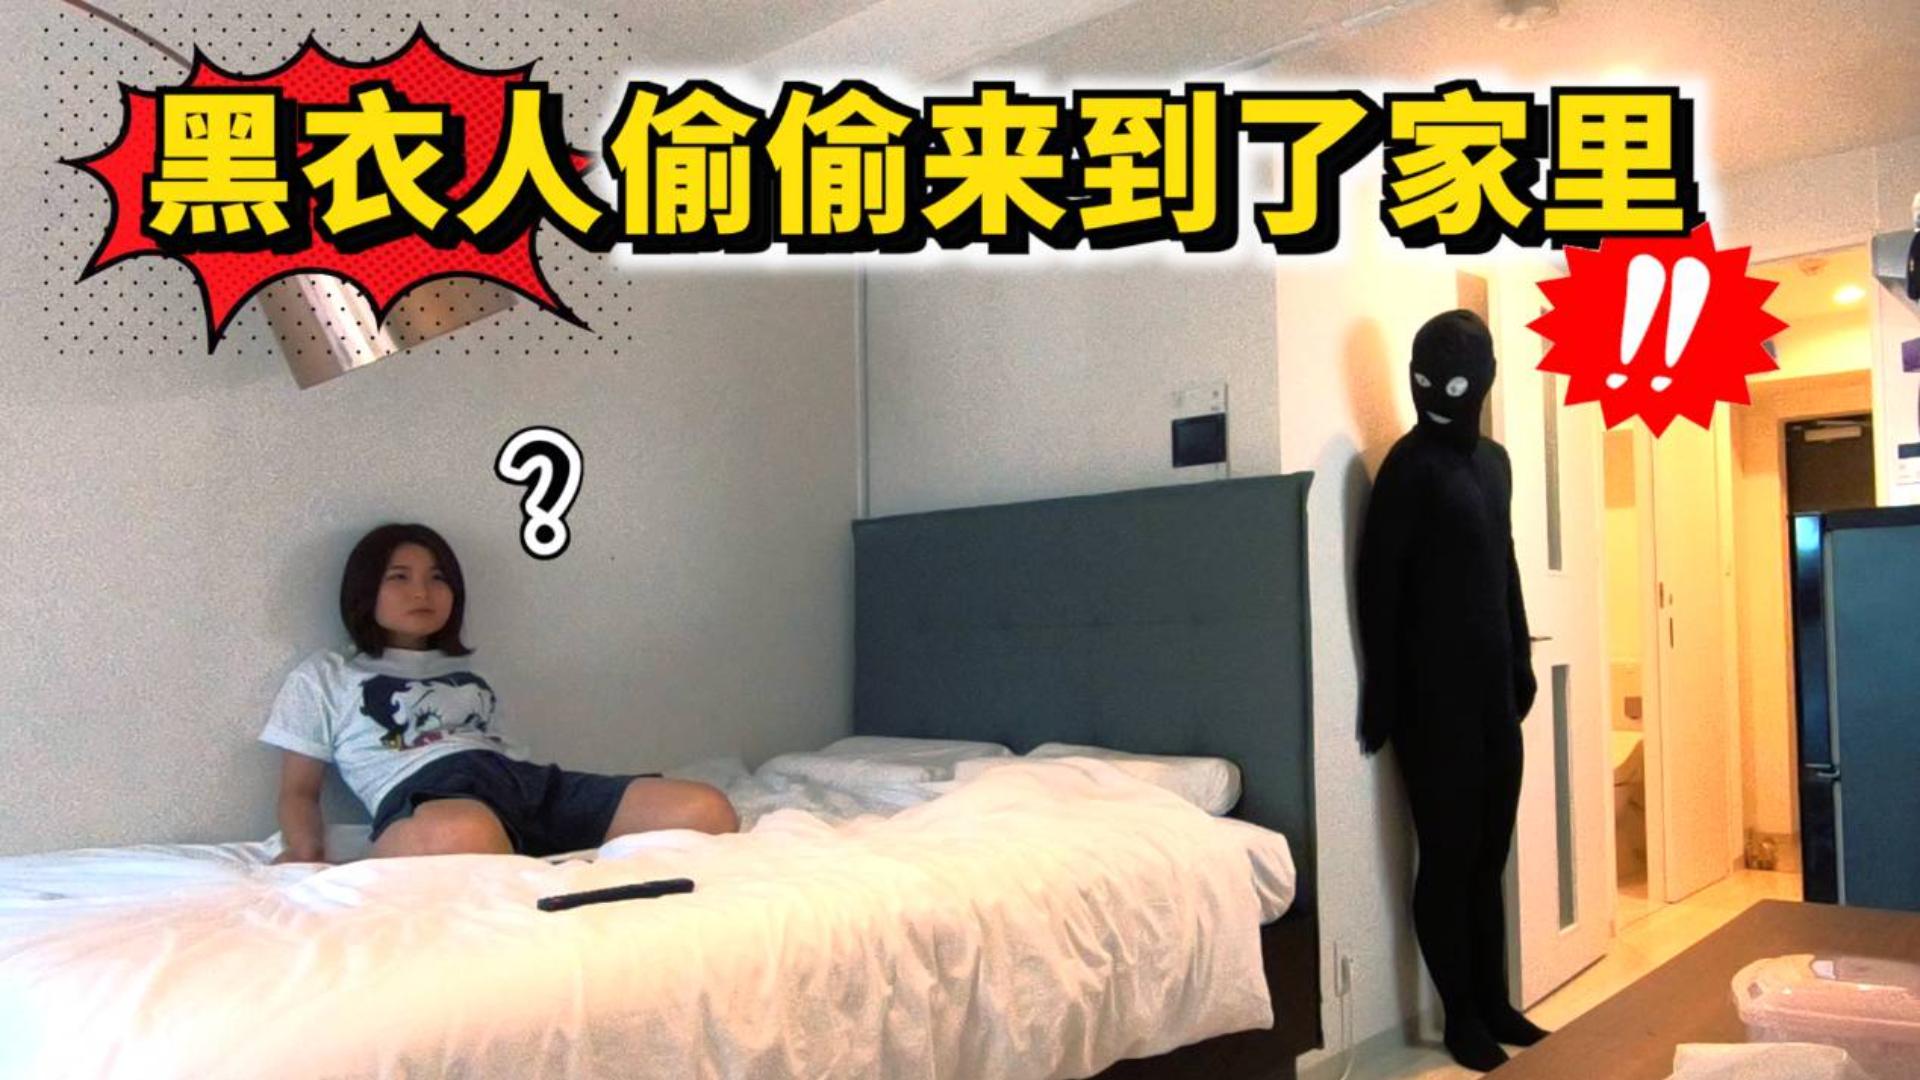 日本妹子吃完饭回家,男友假扮黑衣人偷偷的躲在了家里....